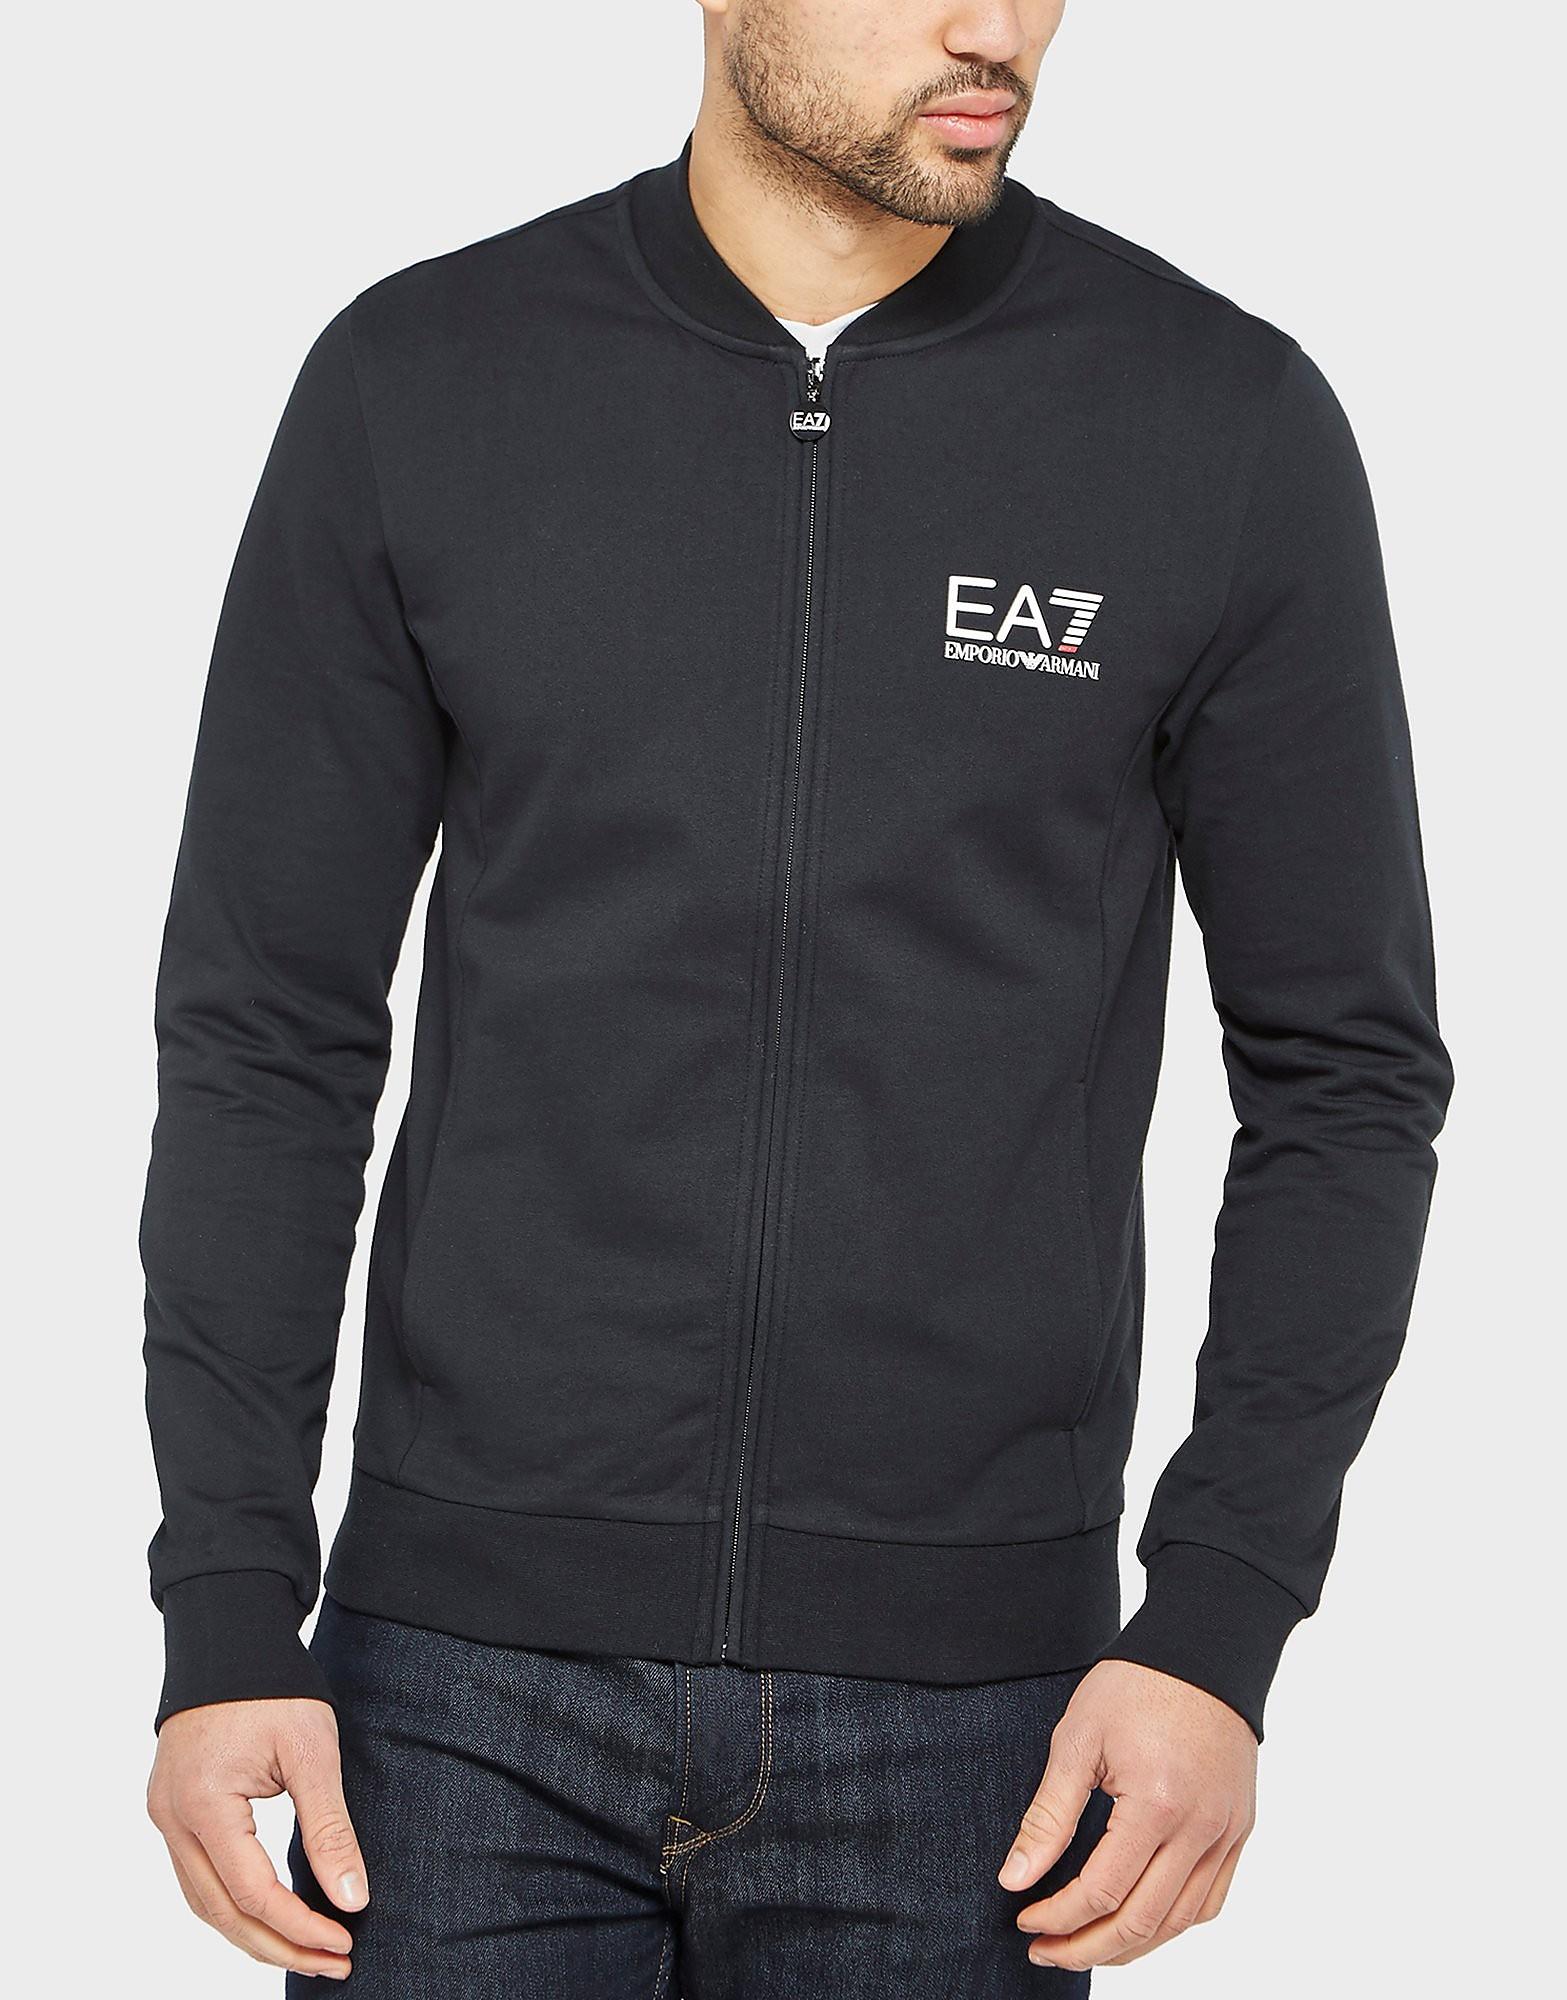 Emporio Armani EA7 Core Full Zip Bomber